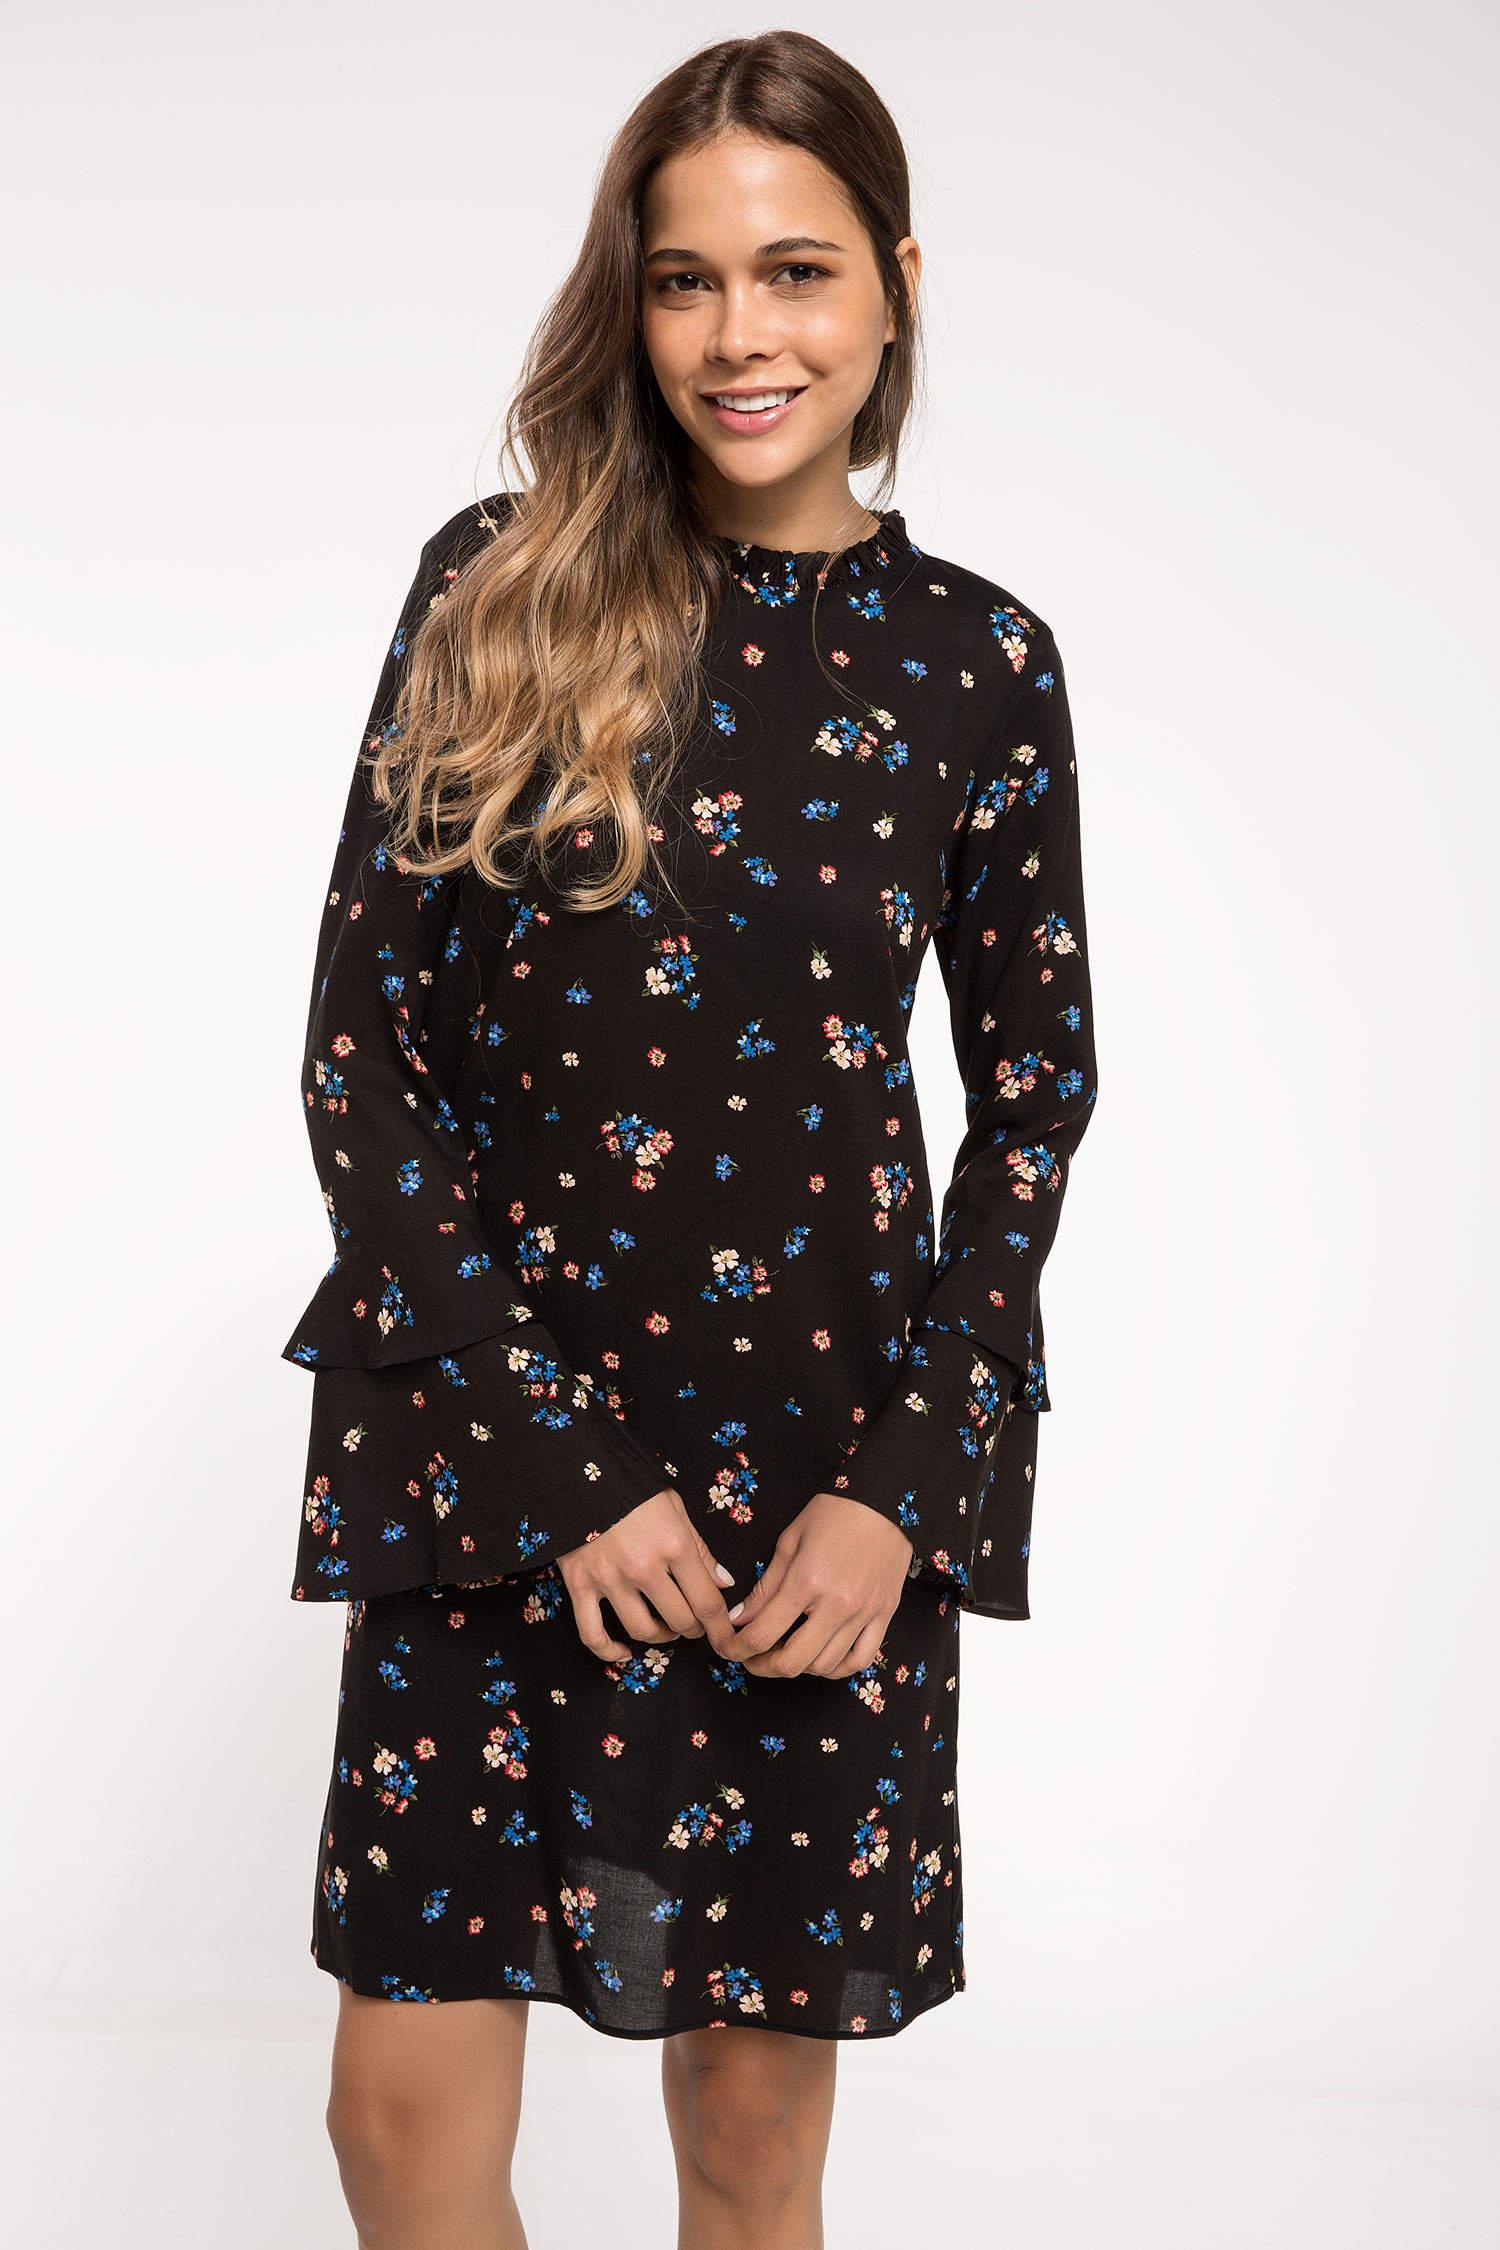 51133d6d0bfec Siyah Kadın Kolları Volan Detaylı Çiçekli Elbise 813147 | DeFacto